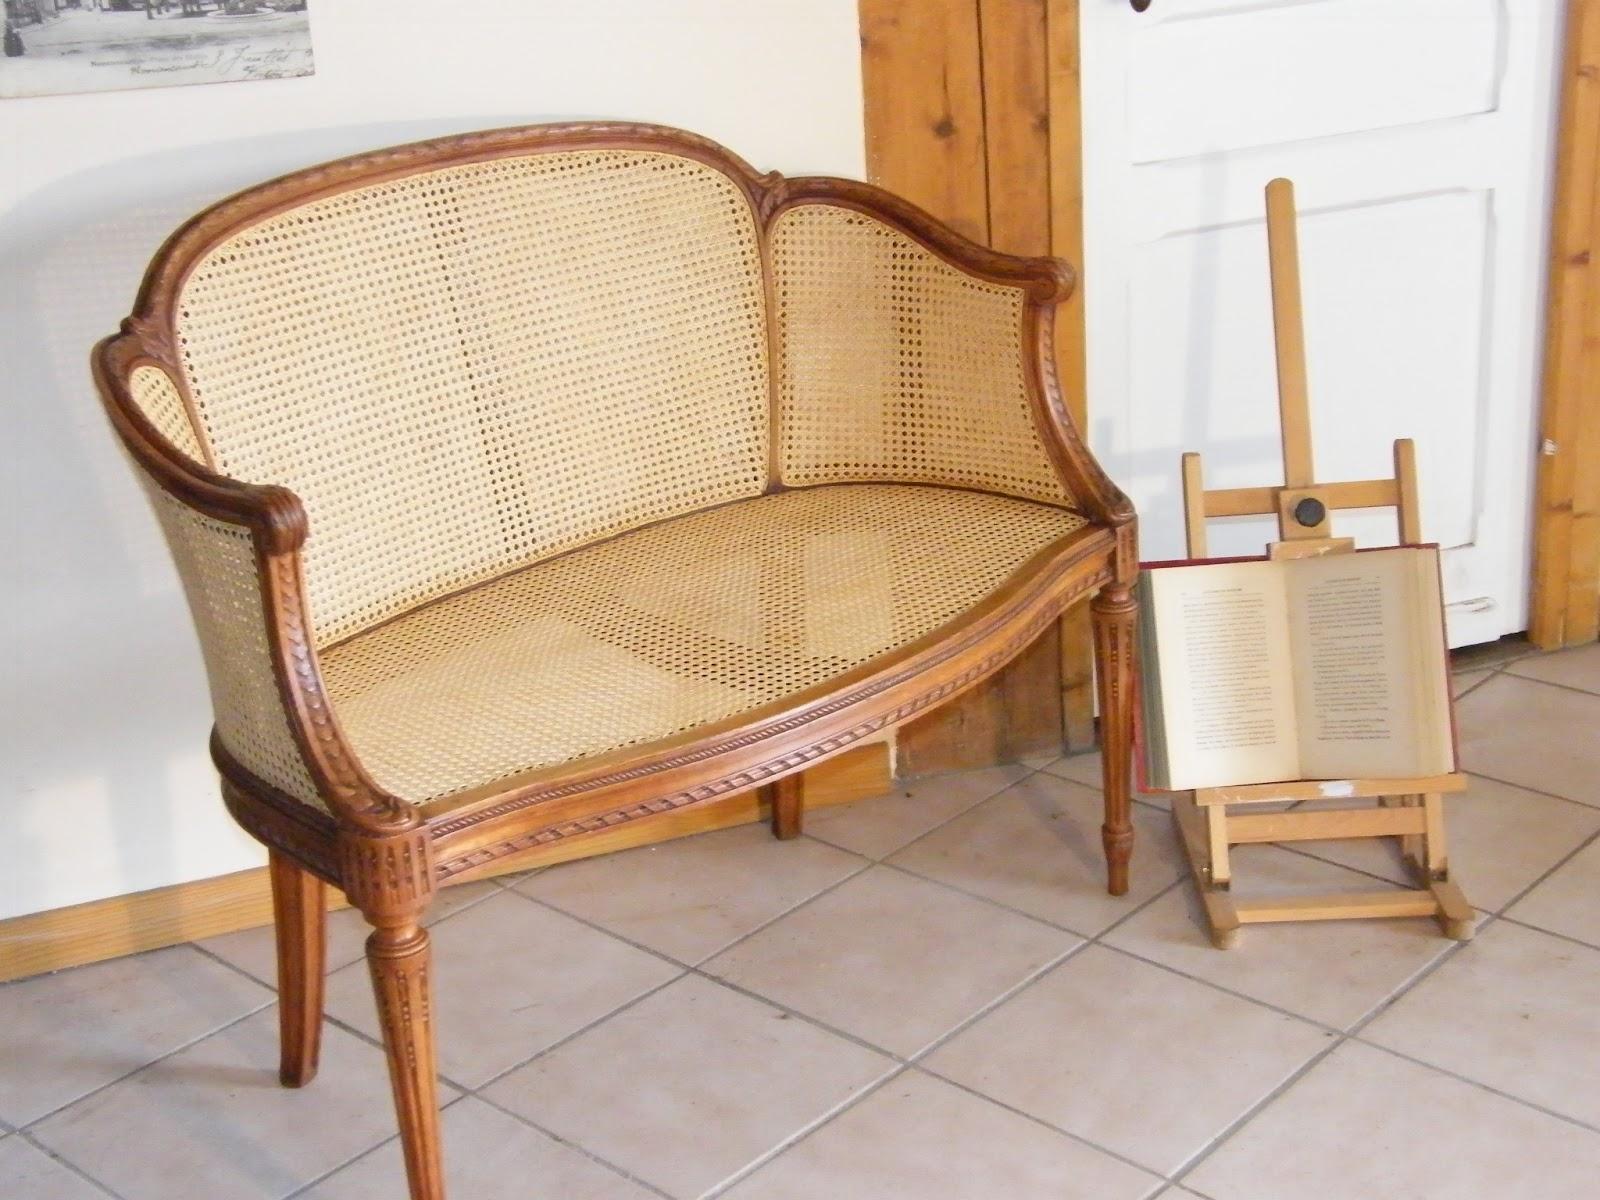 cannage rempaillage chaise tarif prix quelques travaux. Black Bedroom Furniture Sets. Home Design Ideas